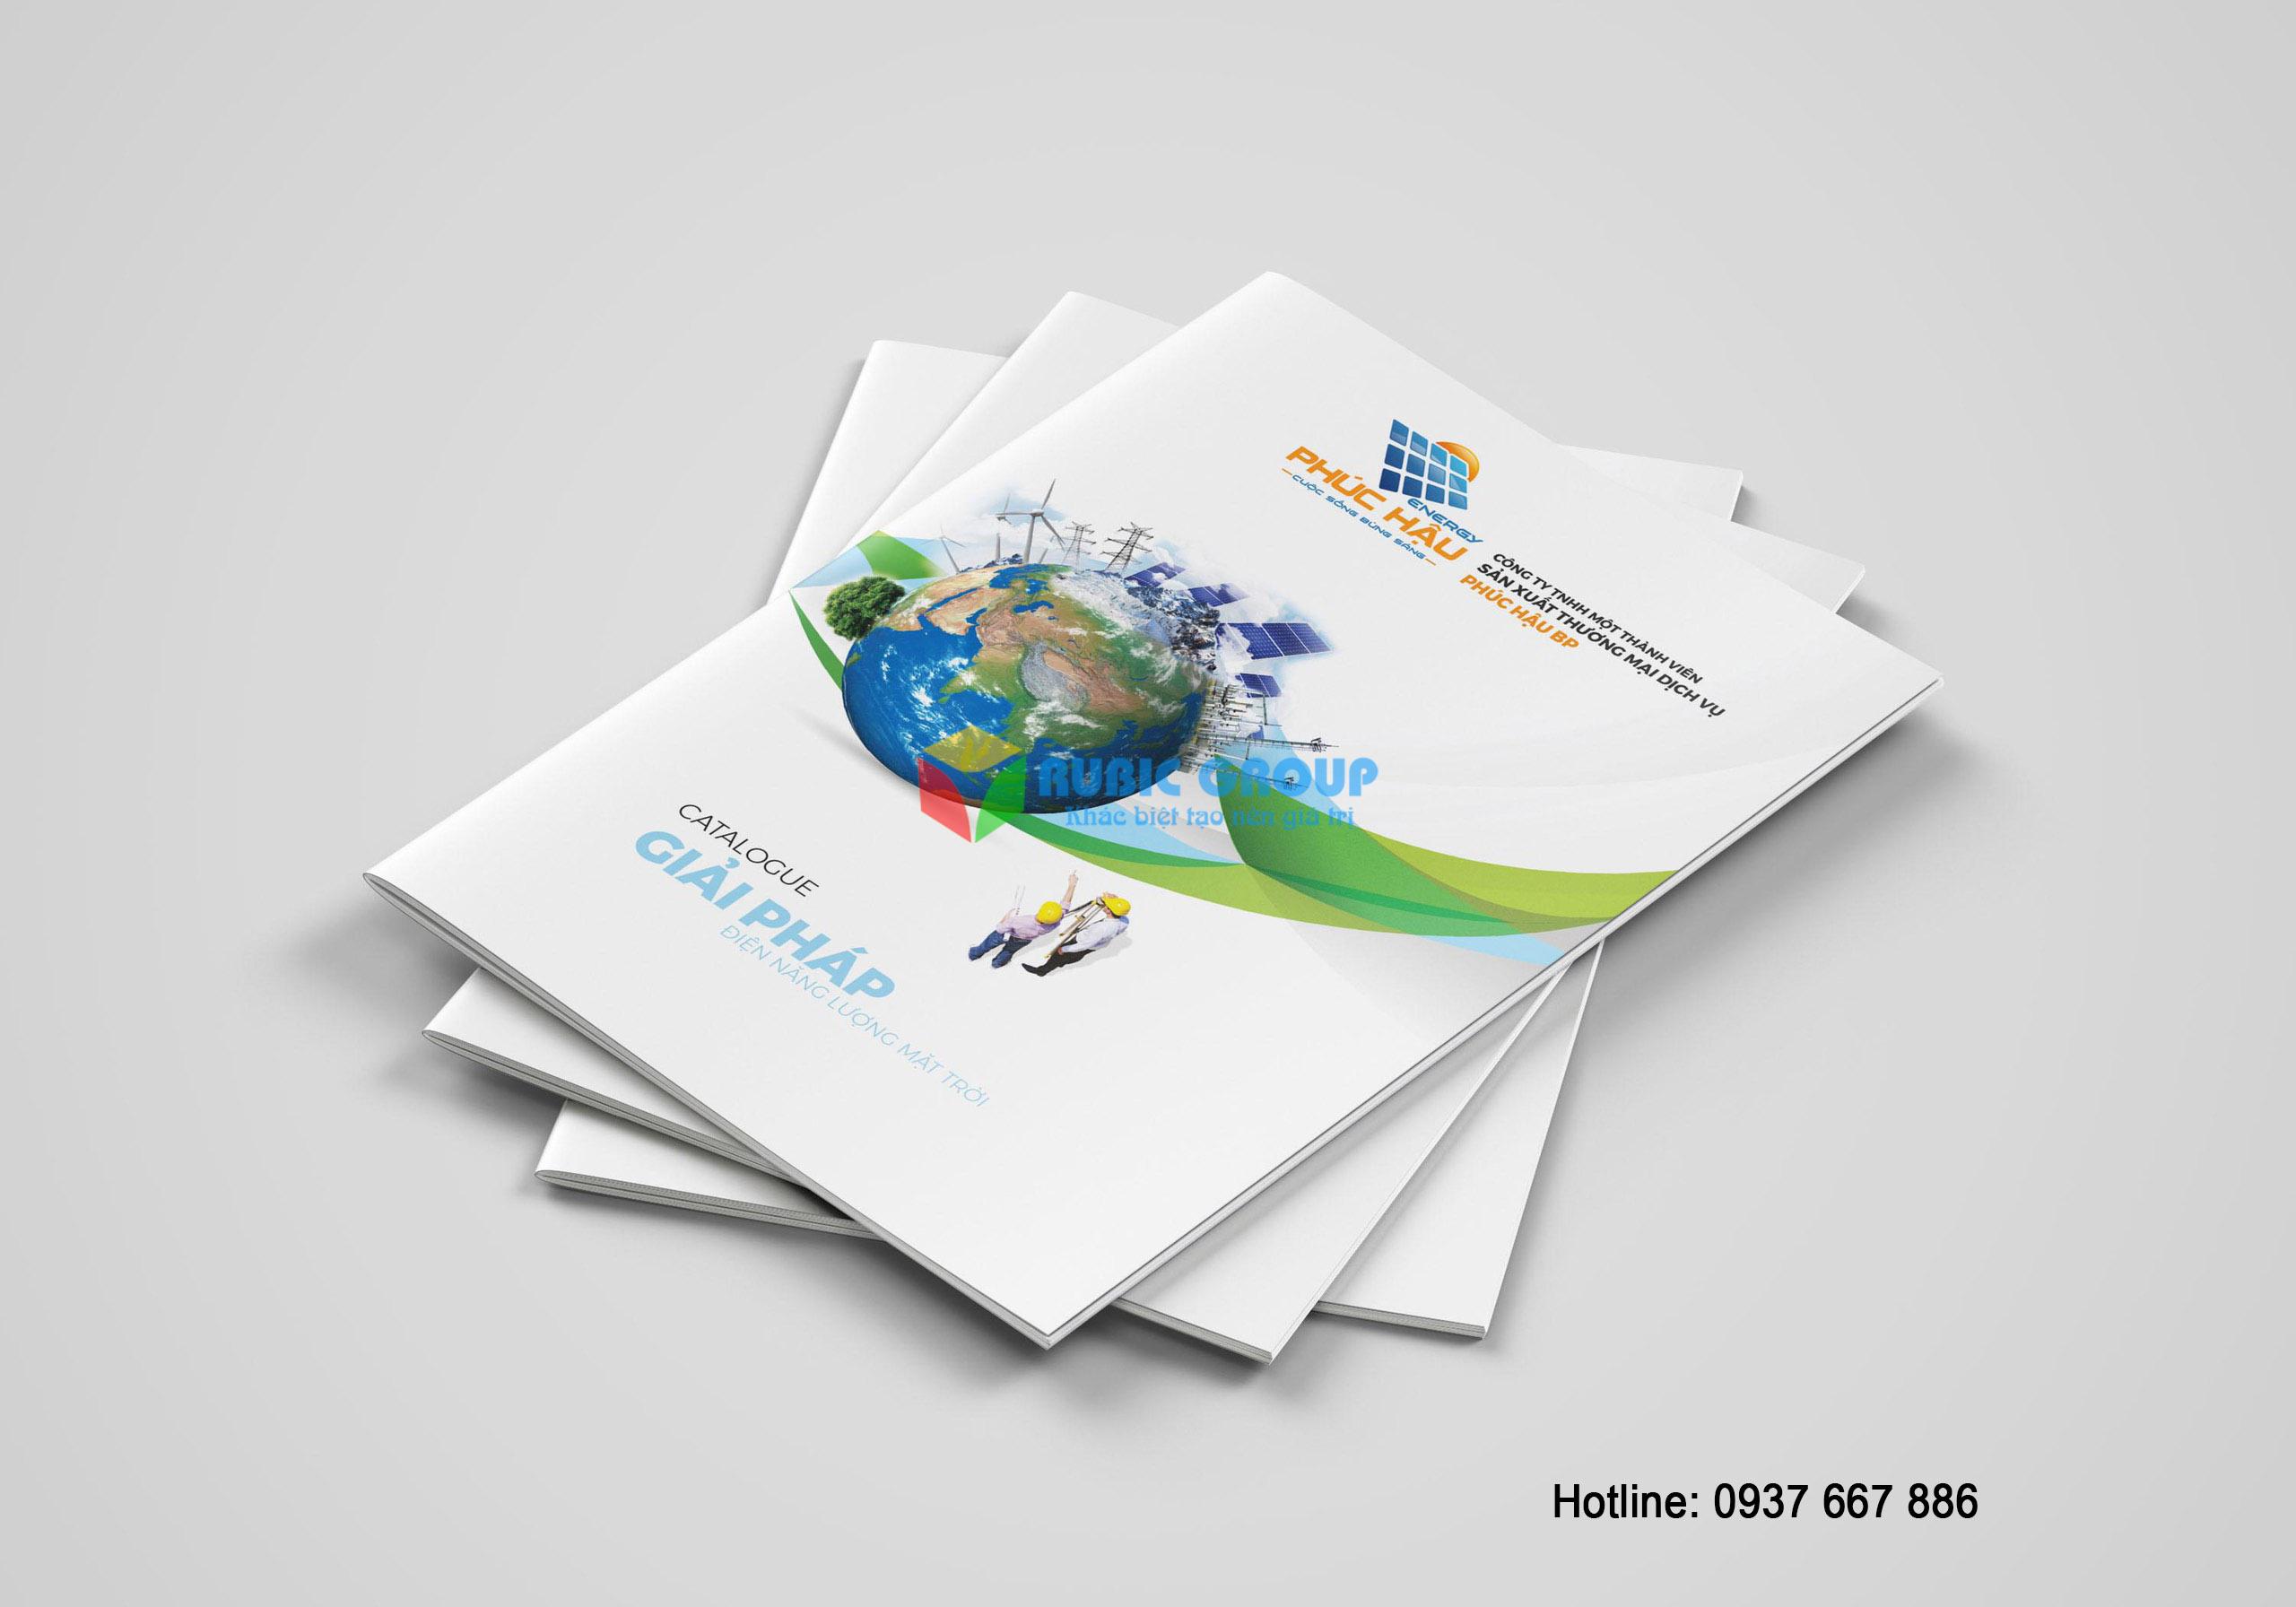 thiết kế catalogue điện mặt trời phúc hậu 2